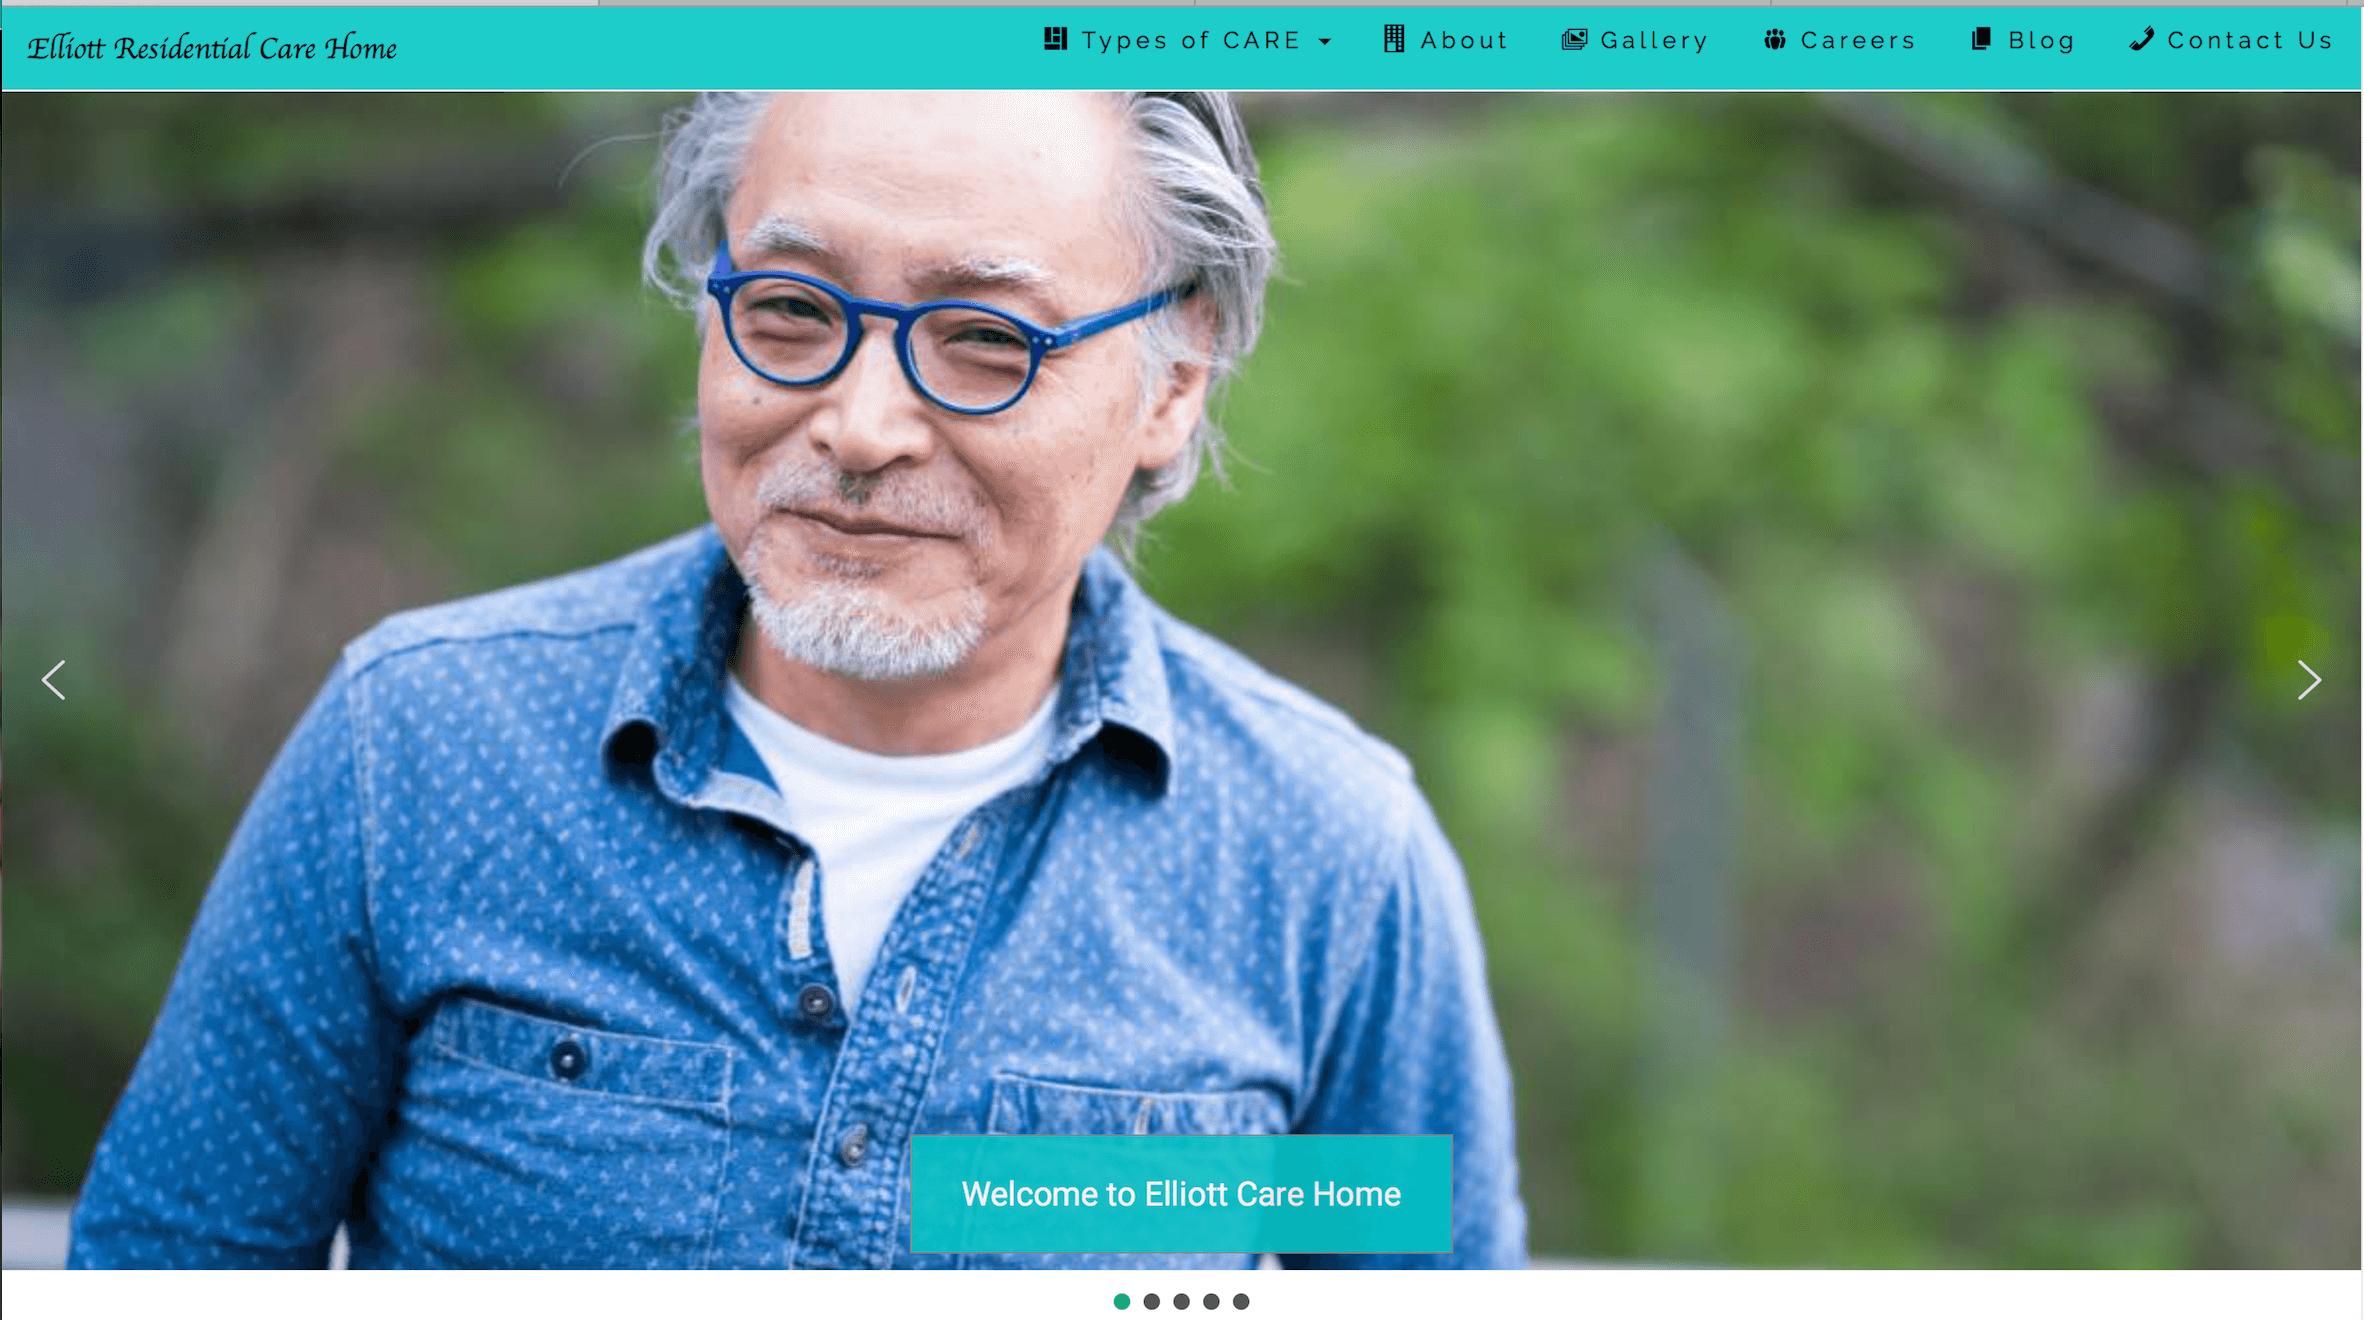 Elliott residential care home website